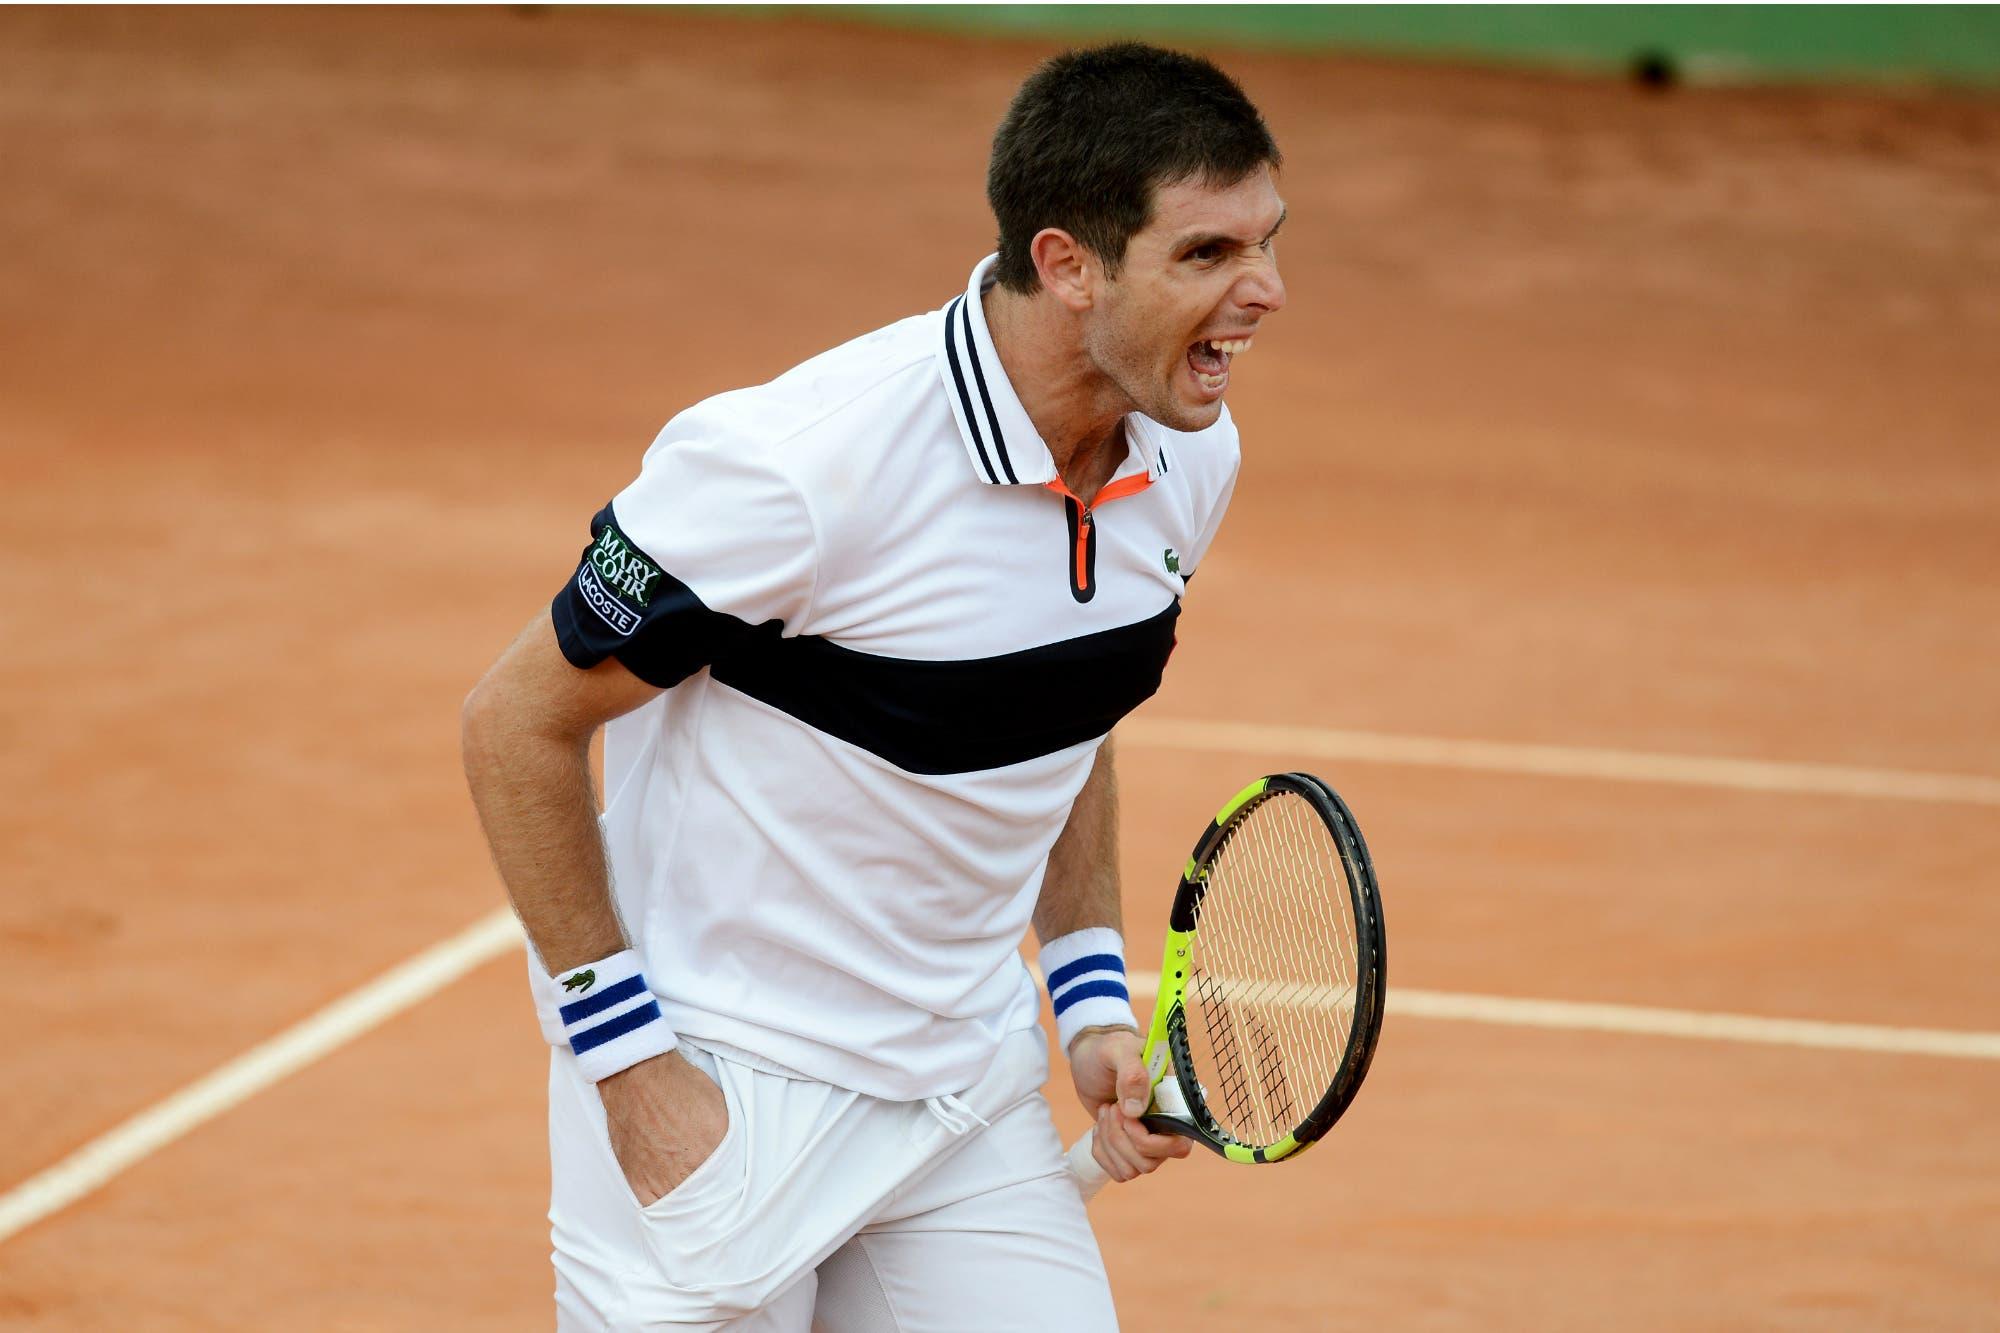 Después de Wimbledon, dos semifinalistas argentinos, pero en polvo de ladrillo